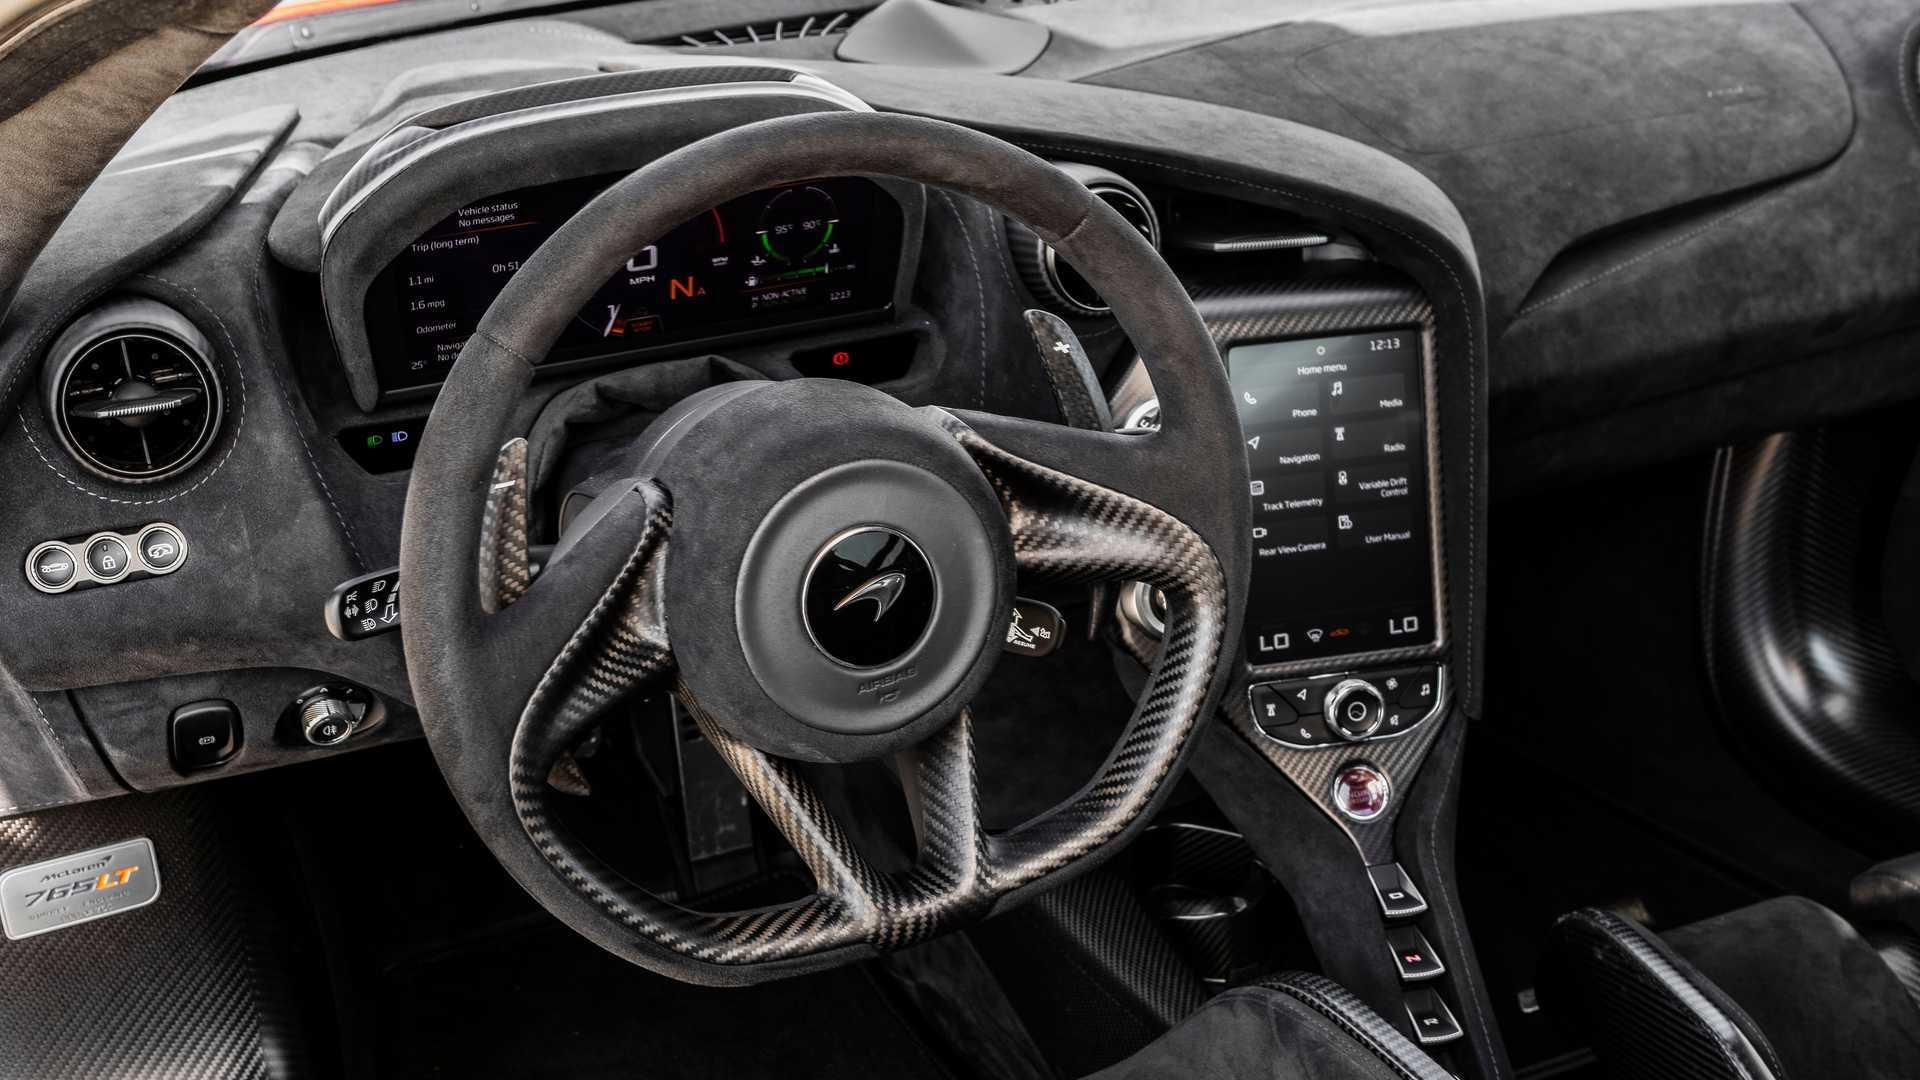 2021 McLaren 765LT cockpit